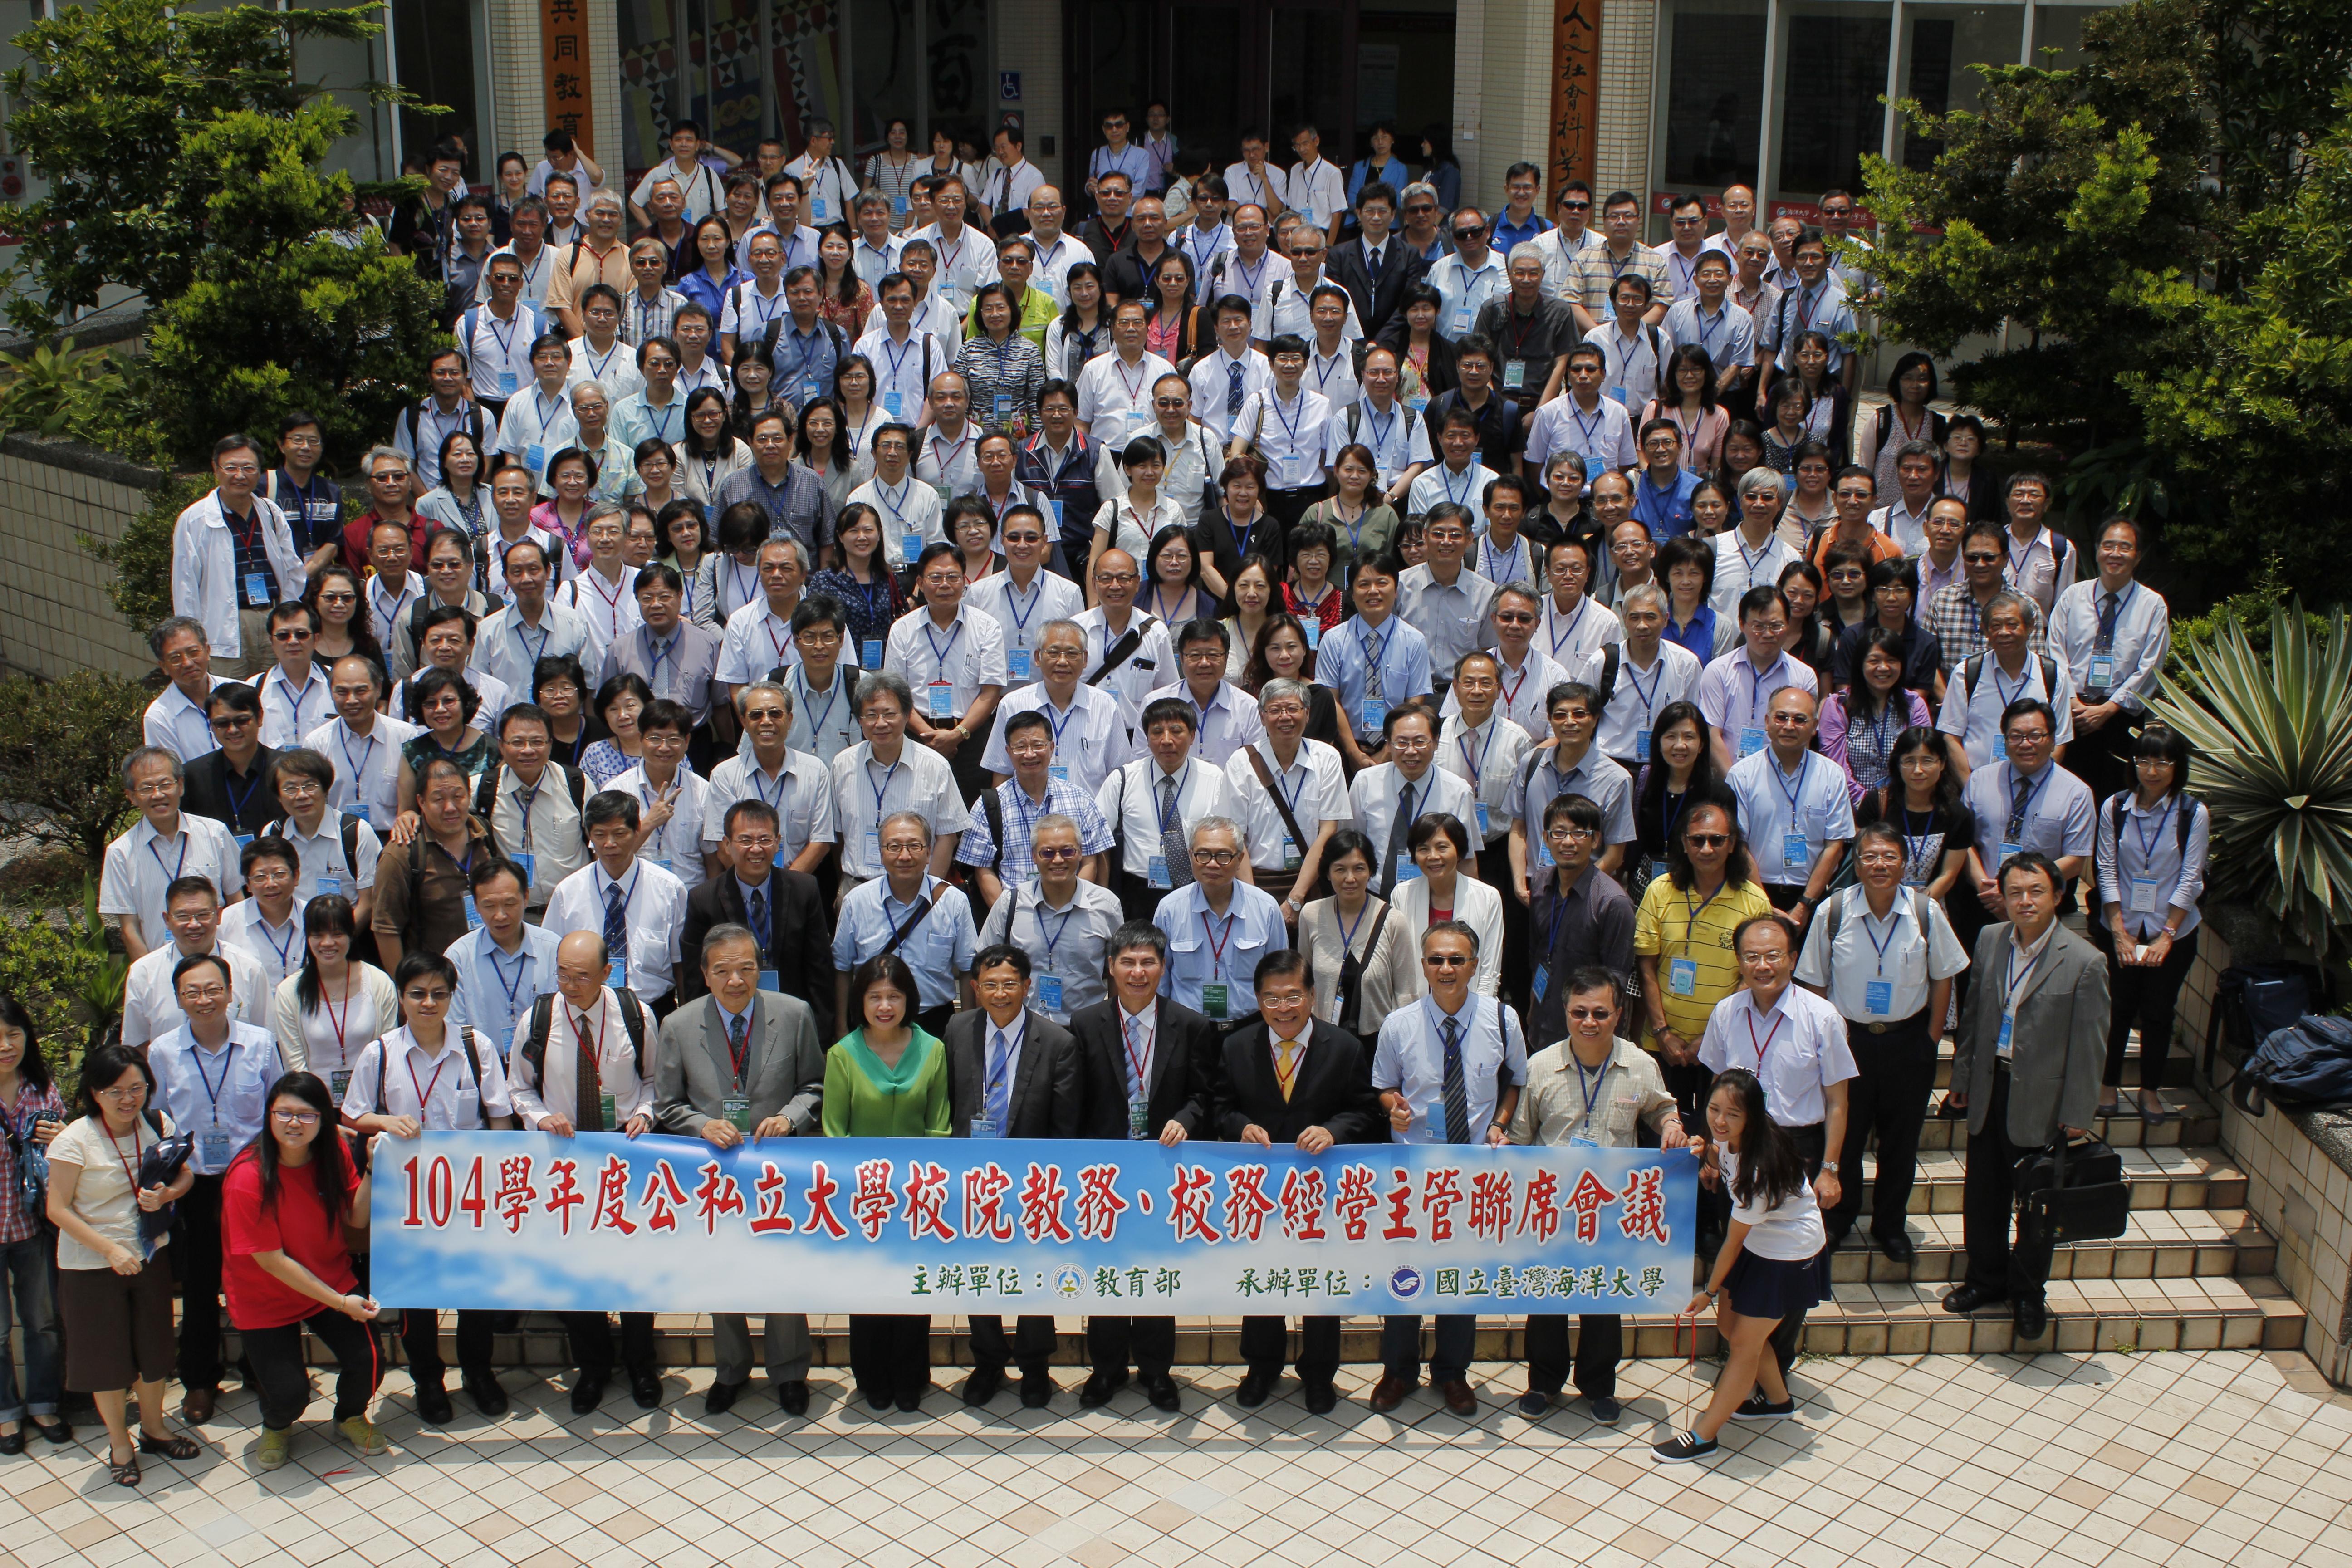 104學年度公私立大學校院教務、校